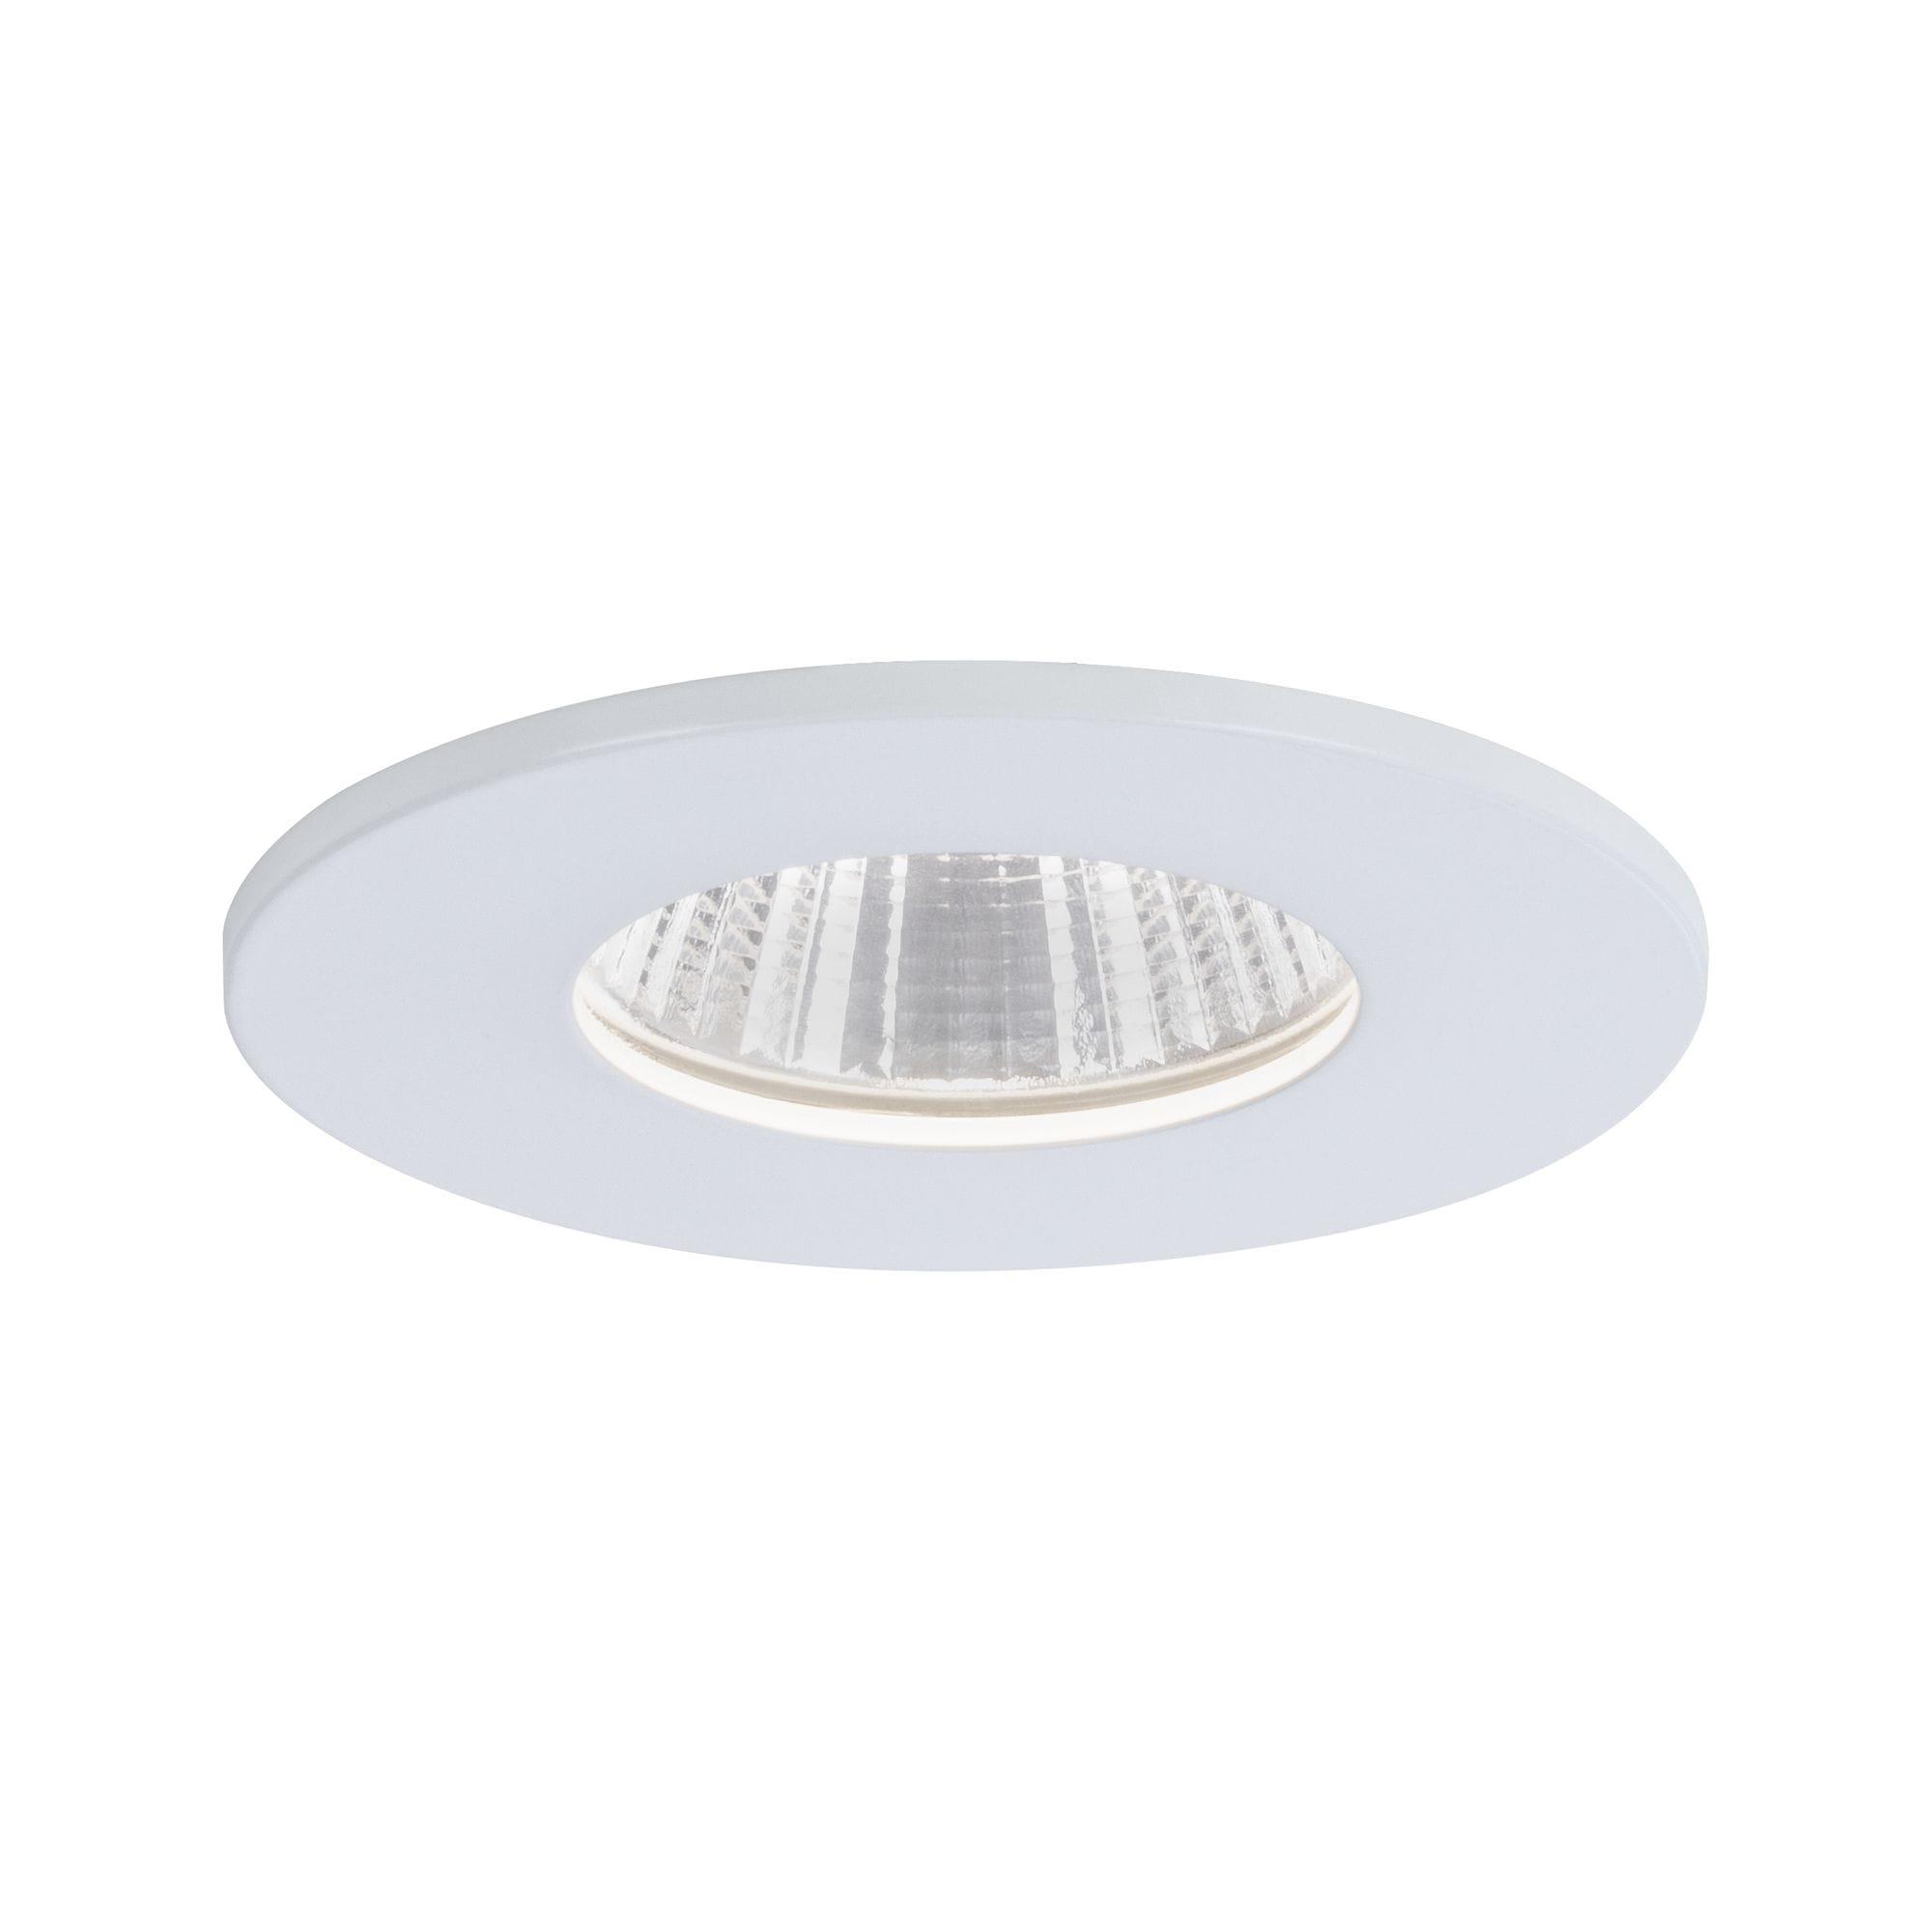 Paulmann LED Einbaustrahler Weiß matt rund starr 1x7W Calla, 1 St., Neutralweiß